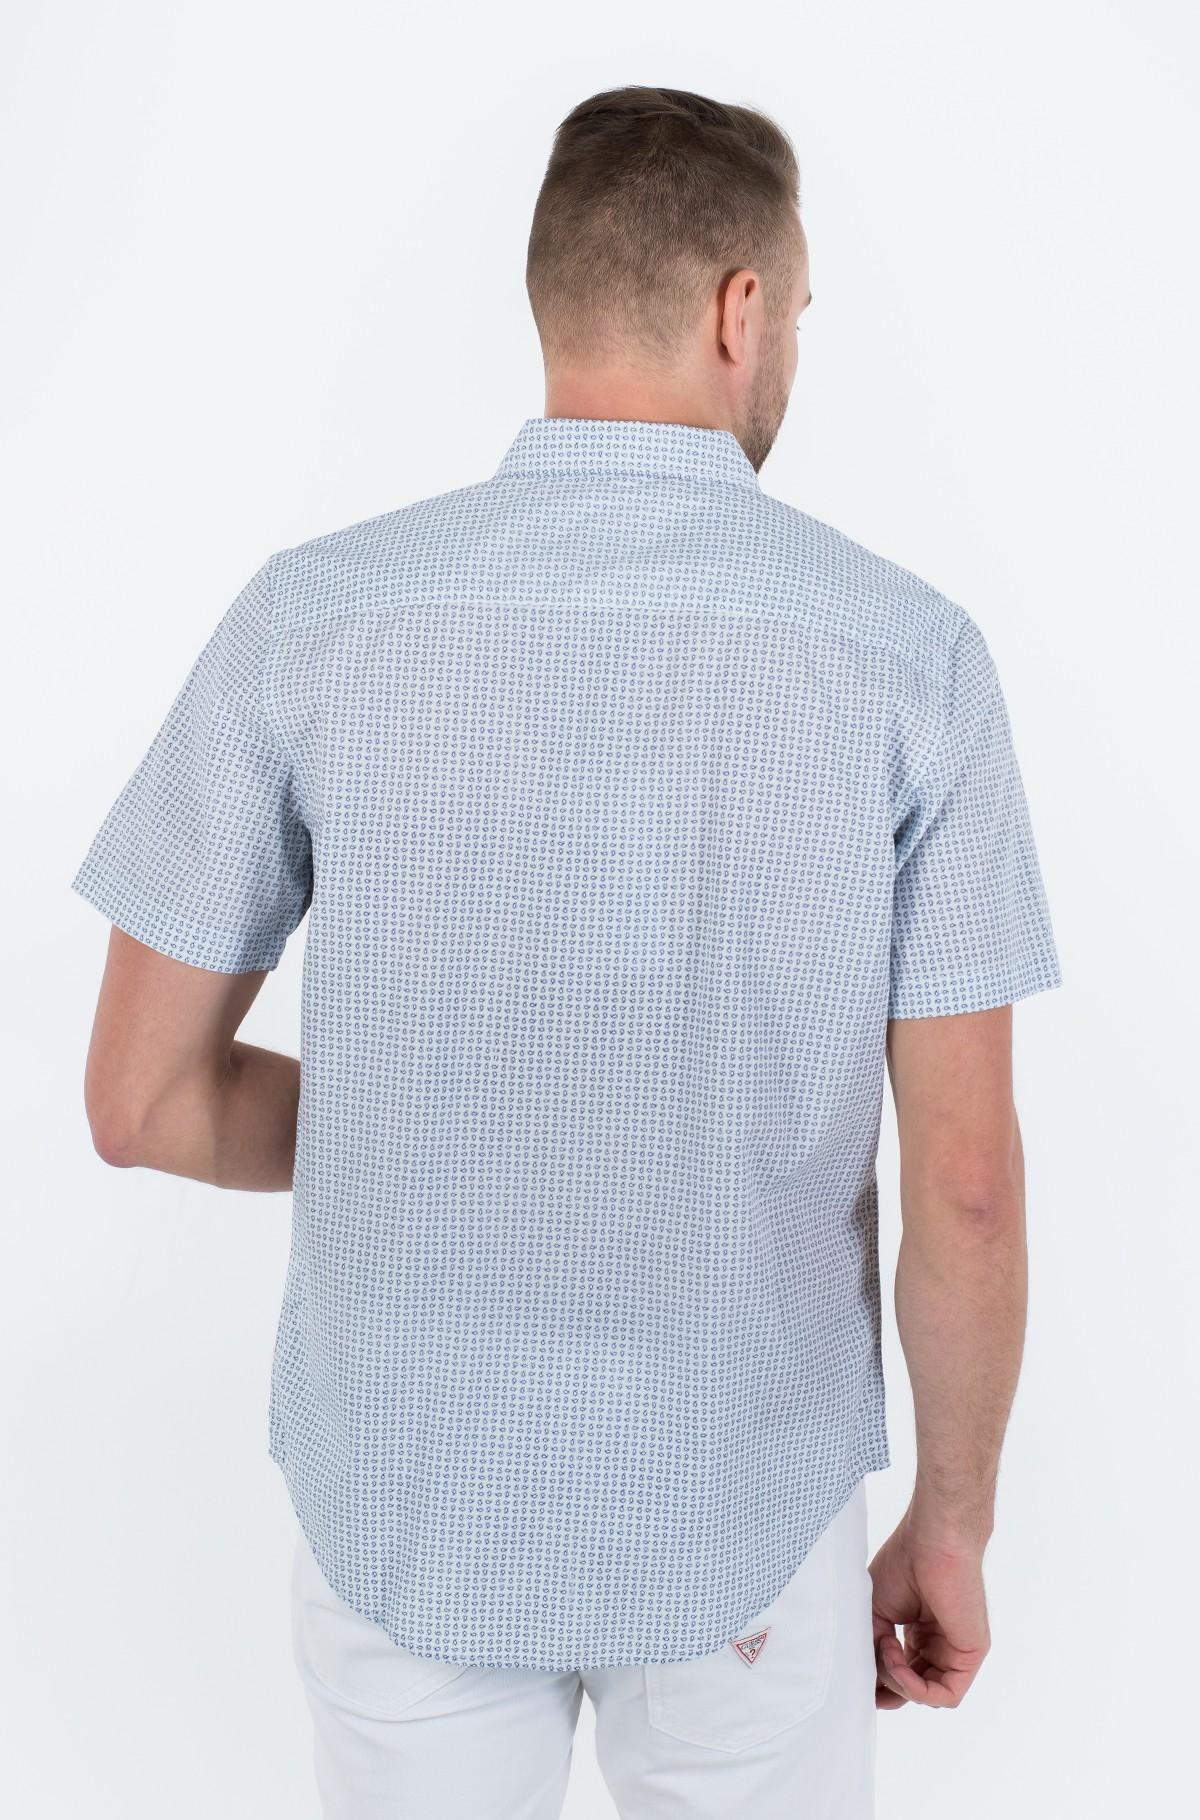 Marškiniai su trumpomis rankovėmis RUBENS2 1046-full-2